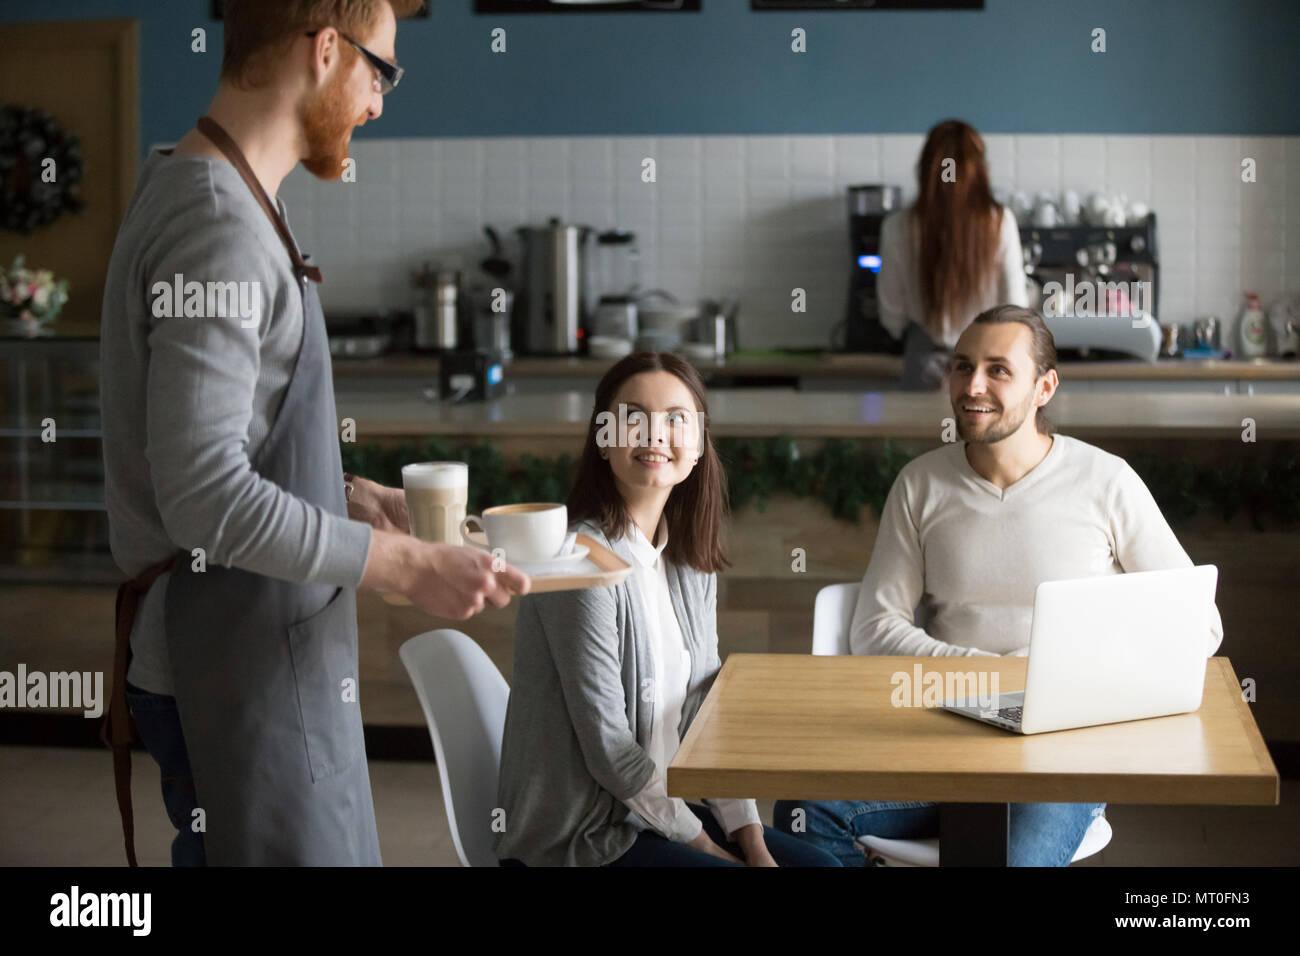 Cameriere che porta il caffè alla coppia sorridente in attesa presso il cafe tabella Immagini Stock